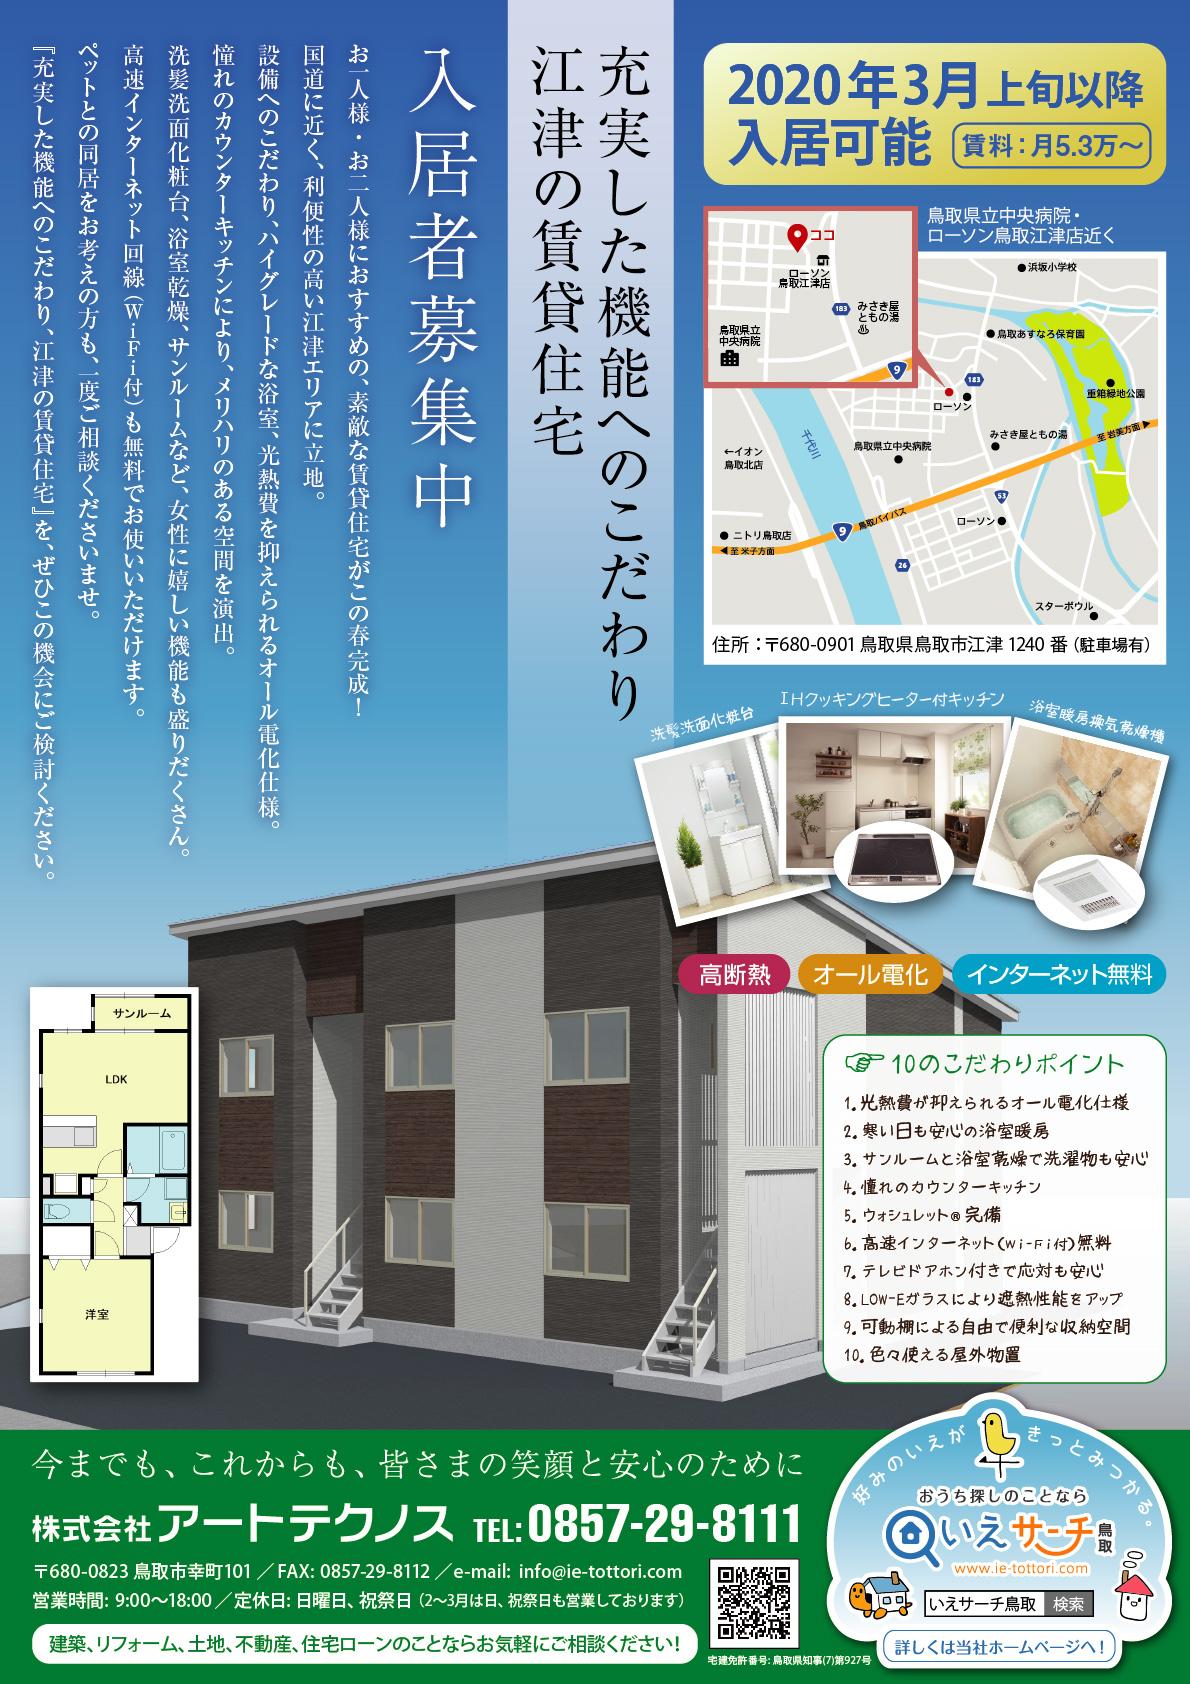 充実した機能へのこだわり、江津の賃貸住宅